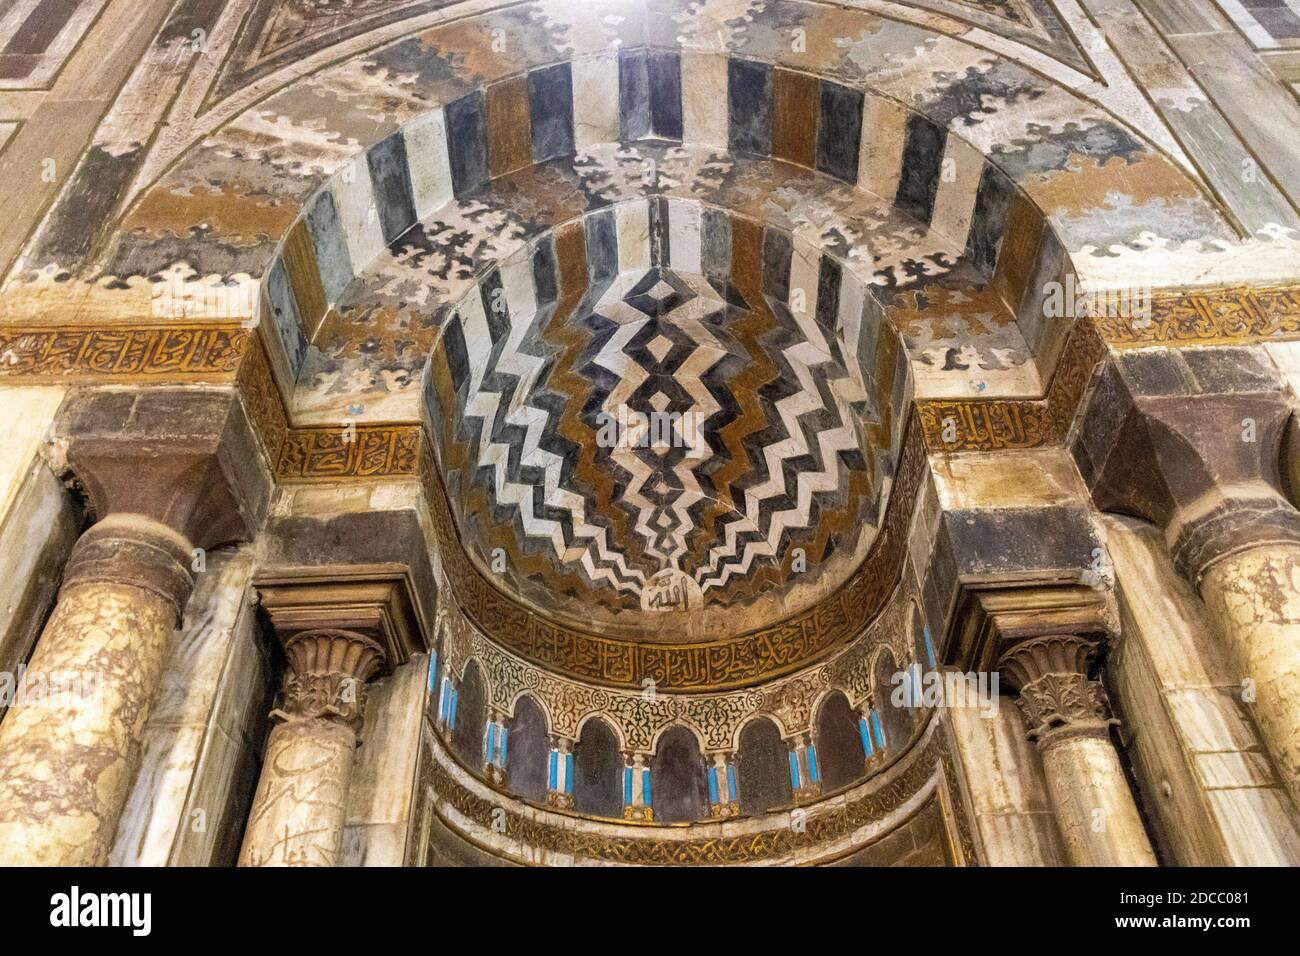 Complejo de Sultán Hasan, el Cairo, Egipto, interior del mausoleo, detalle de mihrab incrustada Foto de stock